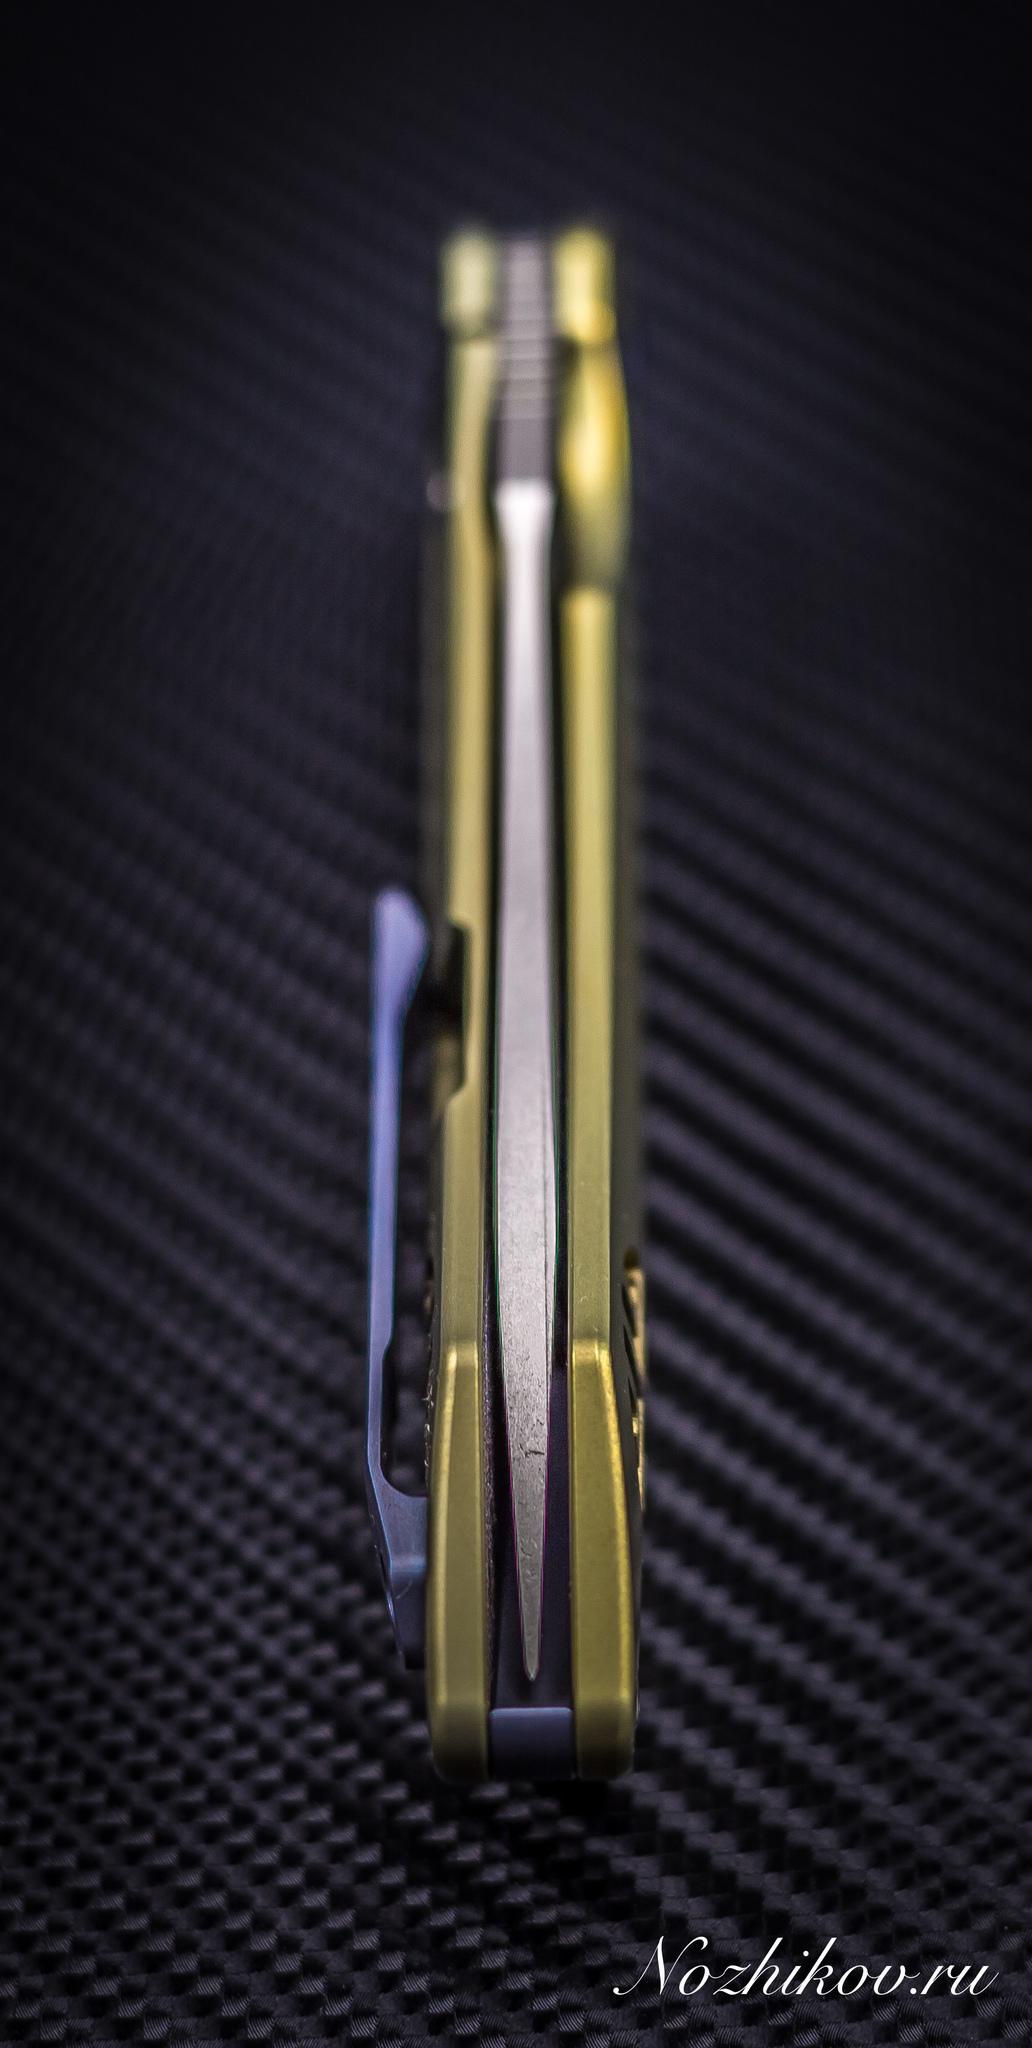 Фото 5 - Складной нож Bestech Knives BT1703B, сталь CPM-S35VN, рукоять титан